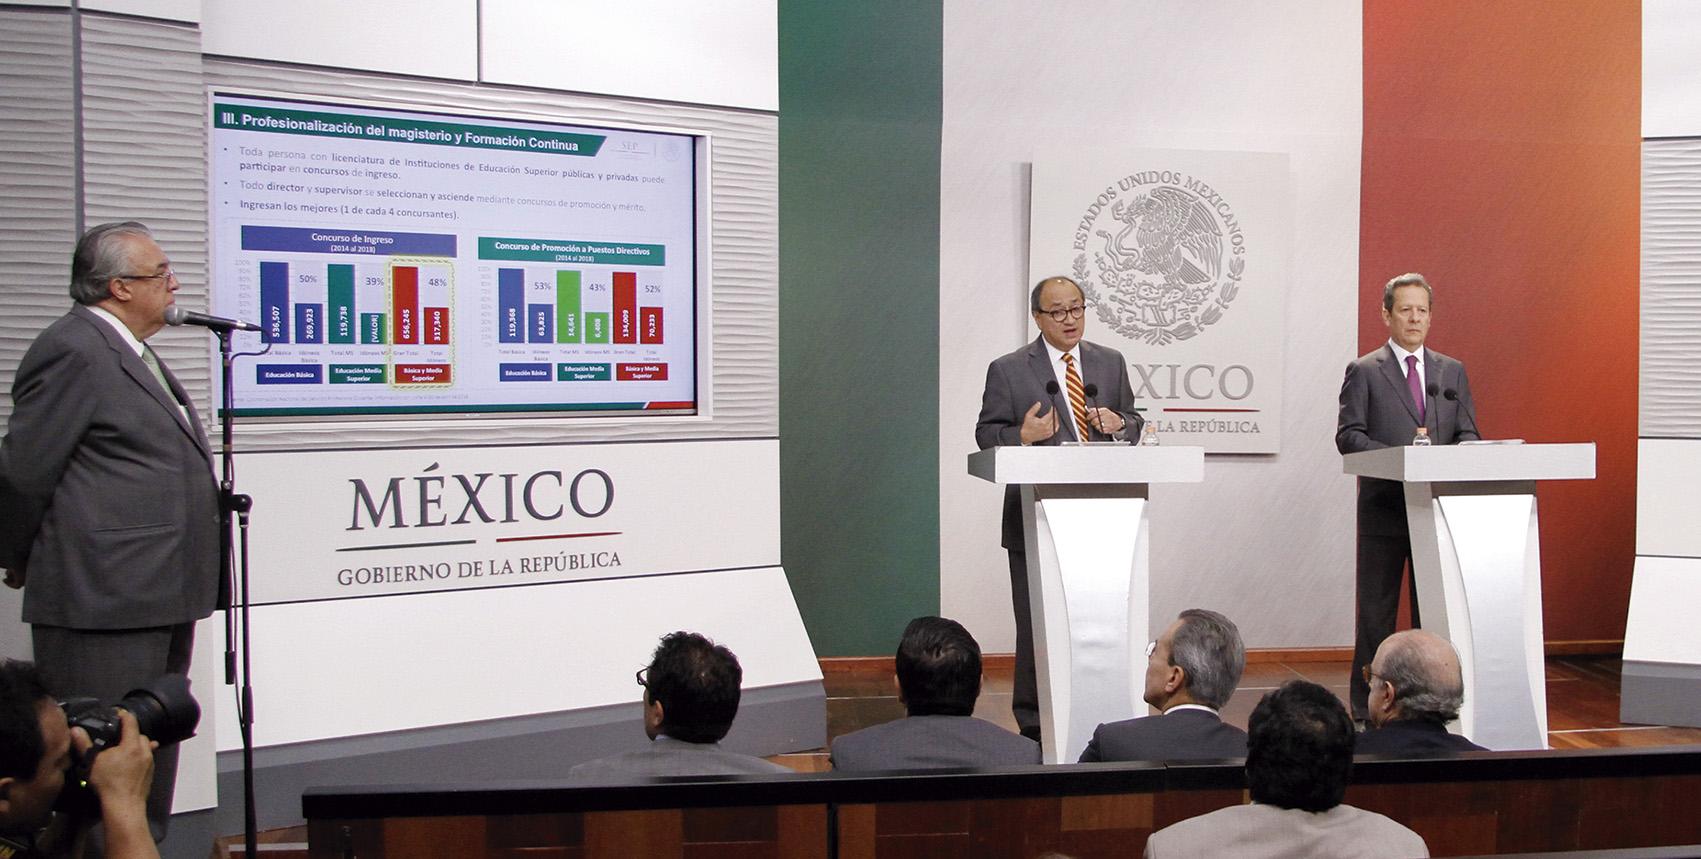 """Photo of """"Frenar la Reforma Educativa tendría costos elevados para el país"""": Otto Granados Roldán, Secretario de Educación Pública"""